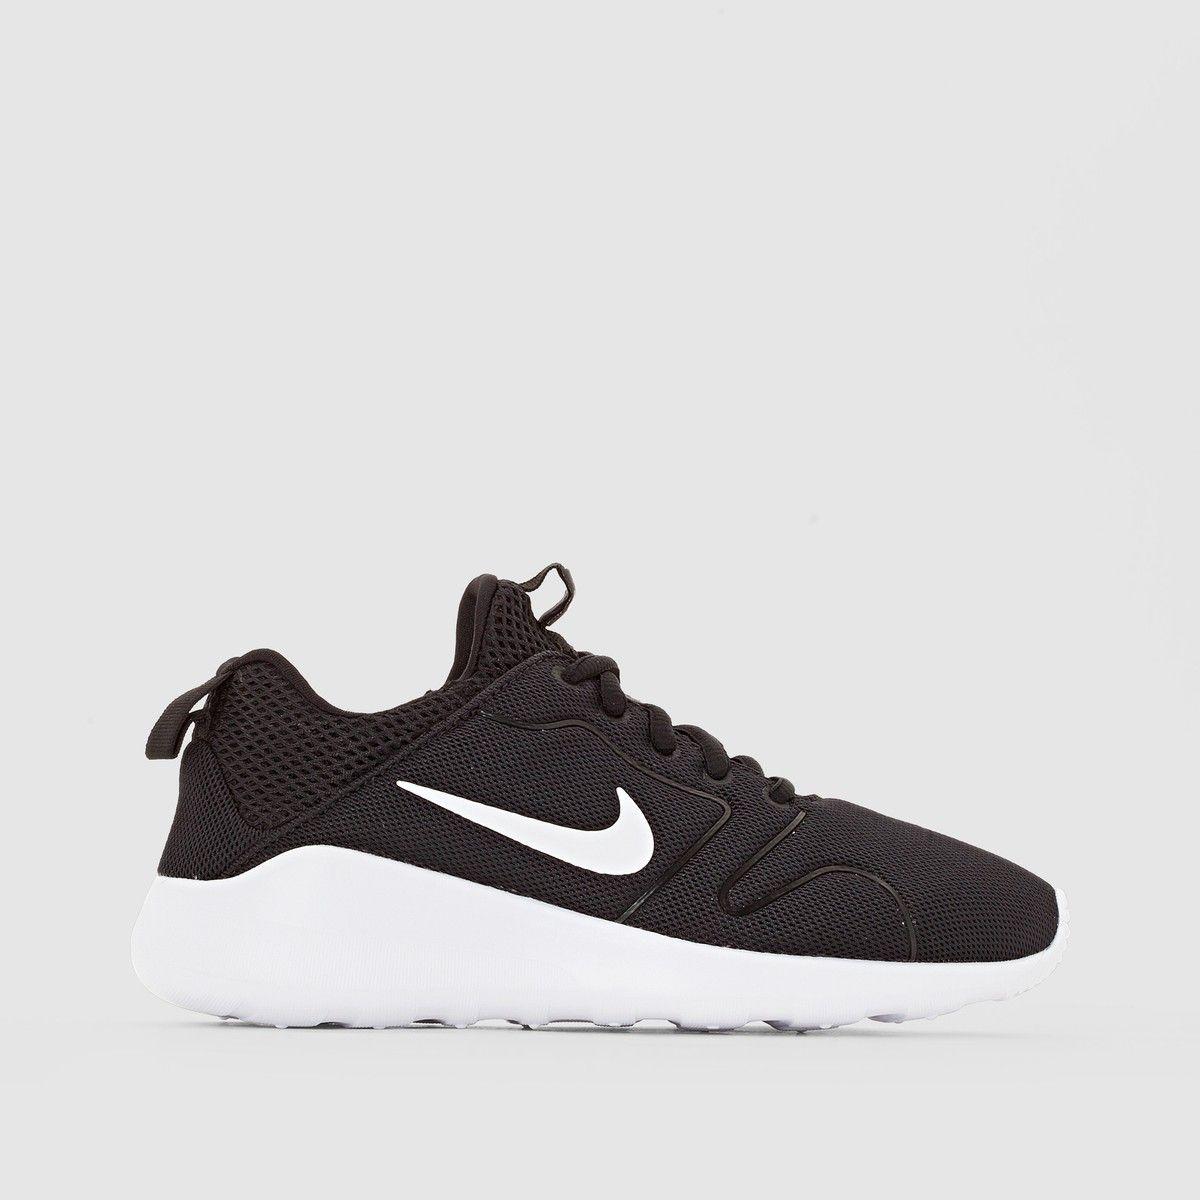 sports shoes 2fd23 b7ee3 NIKE WMNS KAISHI 2.0. Sus puntos fuertes  estas zapatillas deportivas NIKE  respiran el confort y ofrecen una sujeción ejemplar del pie, dominando los  ...